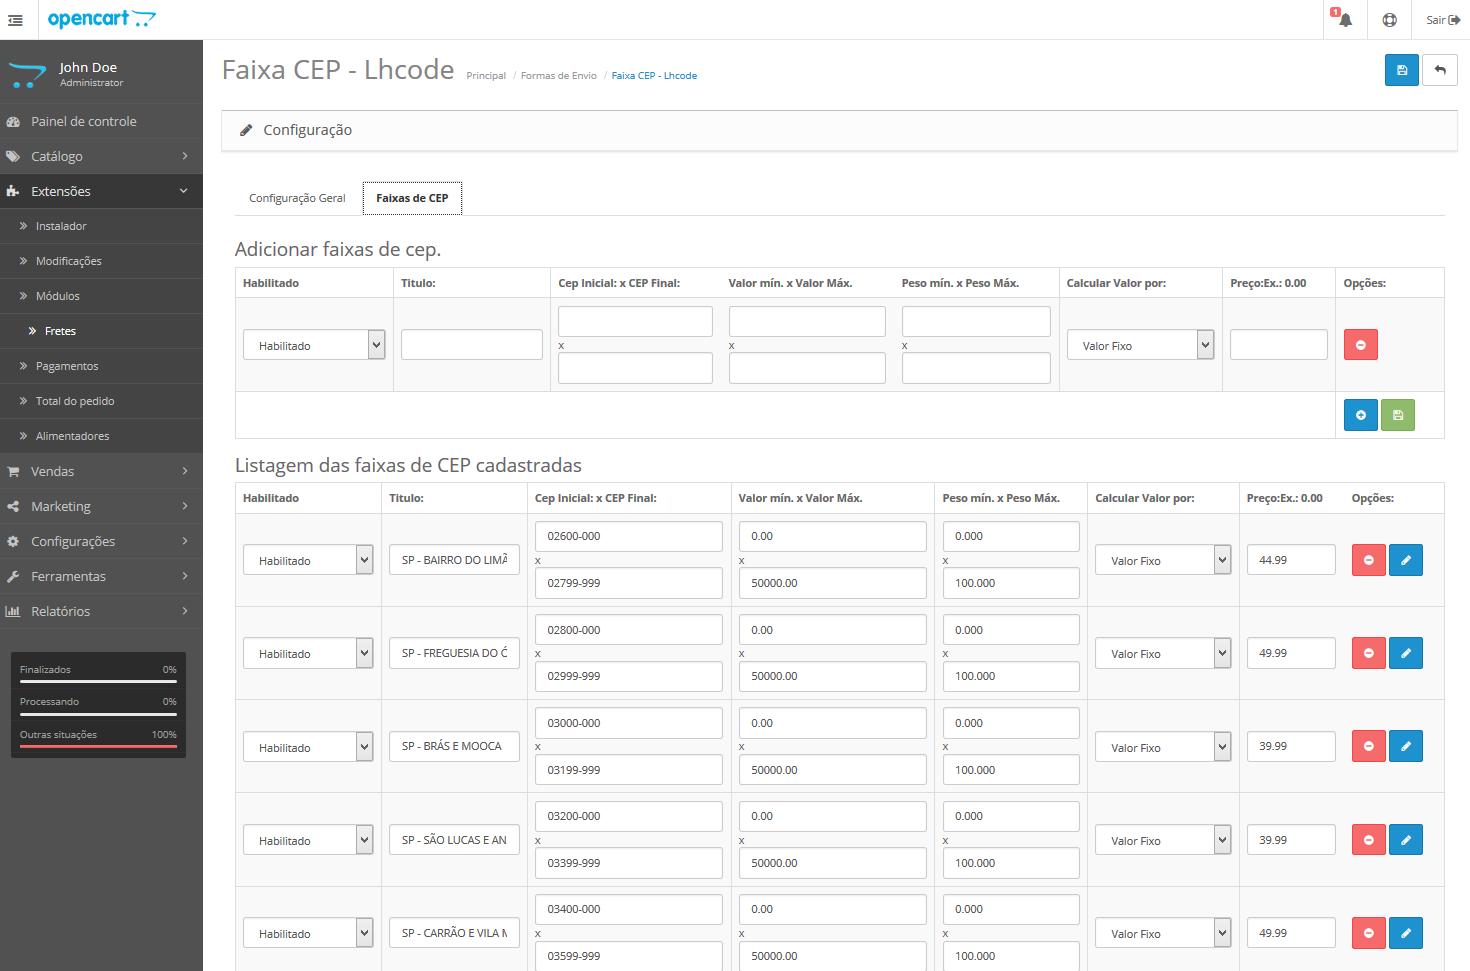 Frete Faixa CEP - Valor min e max, Peso min e max para Opencart - Foto 1